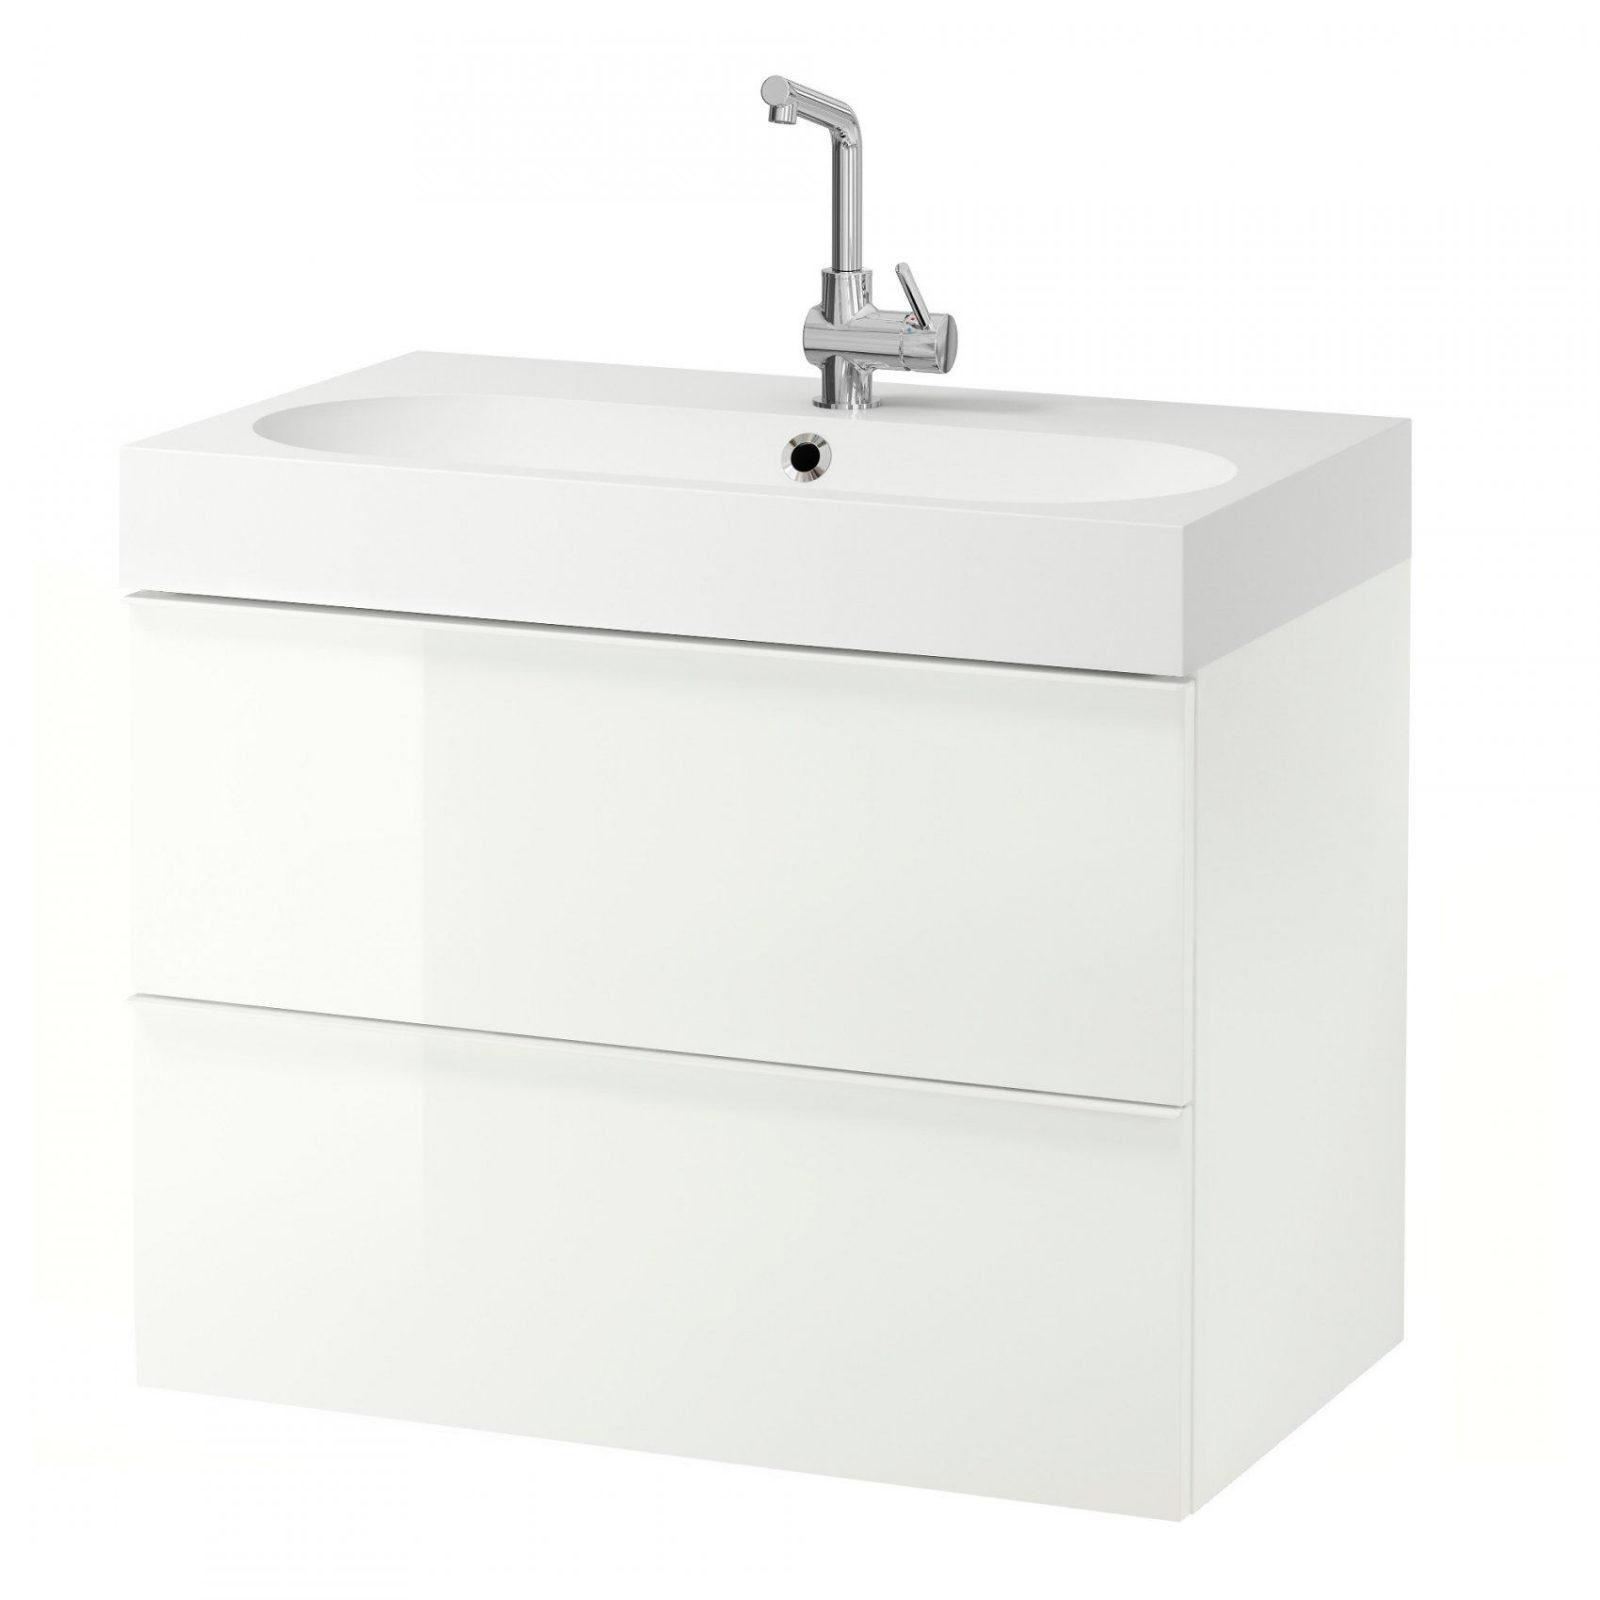 Badezimmer Unterschrank 50 Cm Breit  Design von Waschbecken Mit Unterschrank 50 Cm Photo